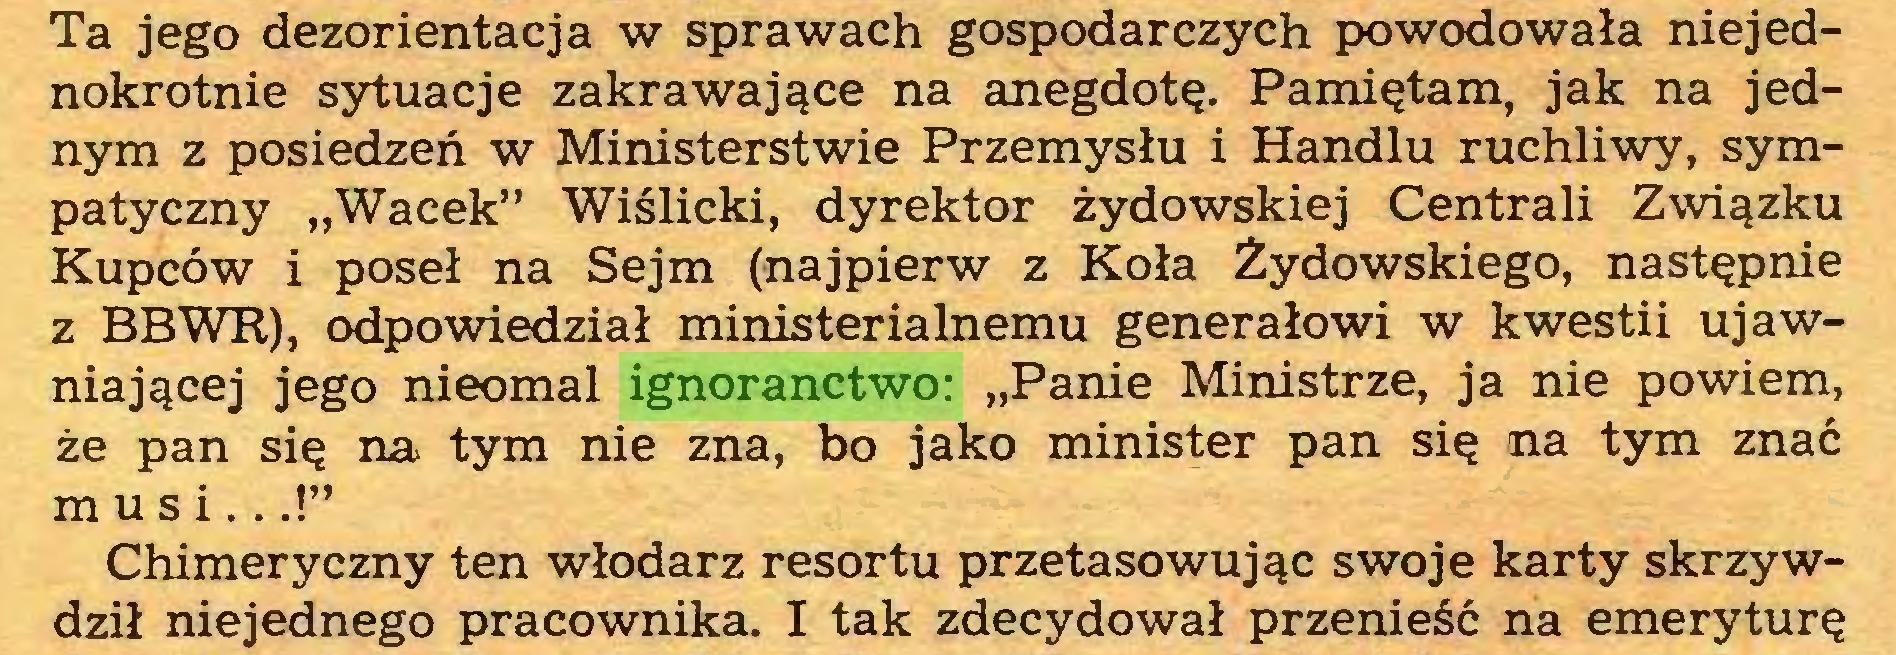 """(...) Ta jego dezorientacja w sprawach gospodarczych powodowała niejednokrotnie sytuacje zakrawające na anegdotę. Pamiętam, jak na jednym z posiedzeń w Ministerstwie Przemysłu i Handlu ruchliwy, sympatyczny """"Wacek"""" Wiślicki, dyrektor żydowskiej Centrali Związku Kupców i poseł na Sejm (najpierw z Koła Żydowskiego, następnie z BBWR), odpowiedział ministerialnemu generałowi w kwestii ujawniającej jego nieomal ignoranctwo: """"Panie Ministrze, ja nie powiem, że pan się na tym nie zna, bo jako minister pan się na tym znać musi...!"""" Chimeryczny ten włodarz resortu przetasowując swoje karty skrzywdził niejednego pracownika. I tak zdecydował przenieść na emeryturę..."""